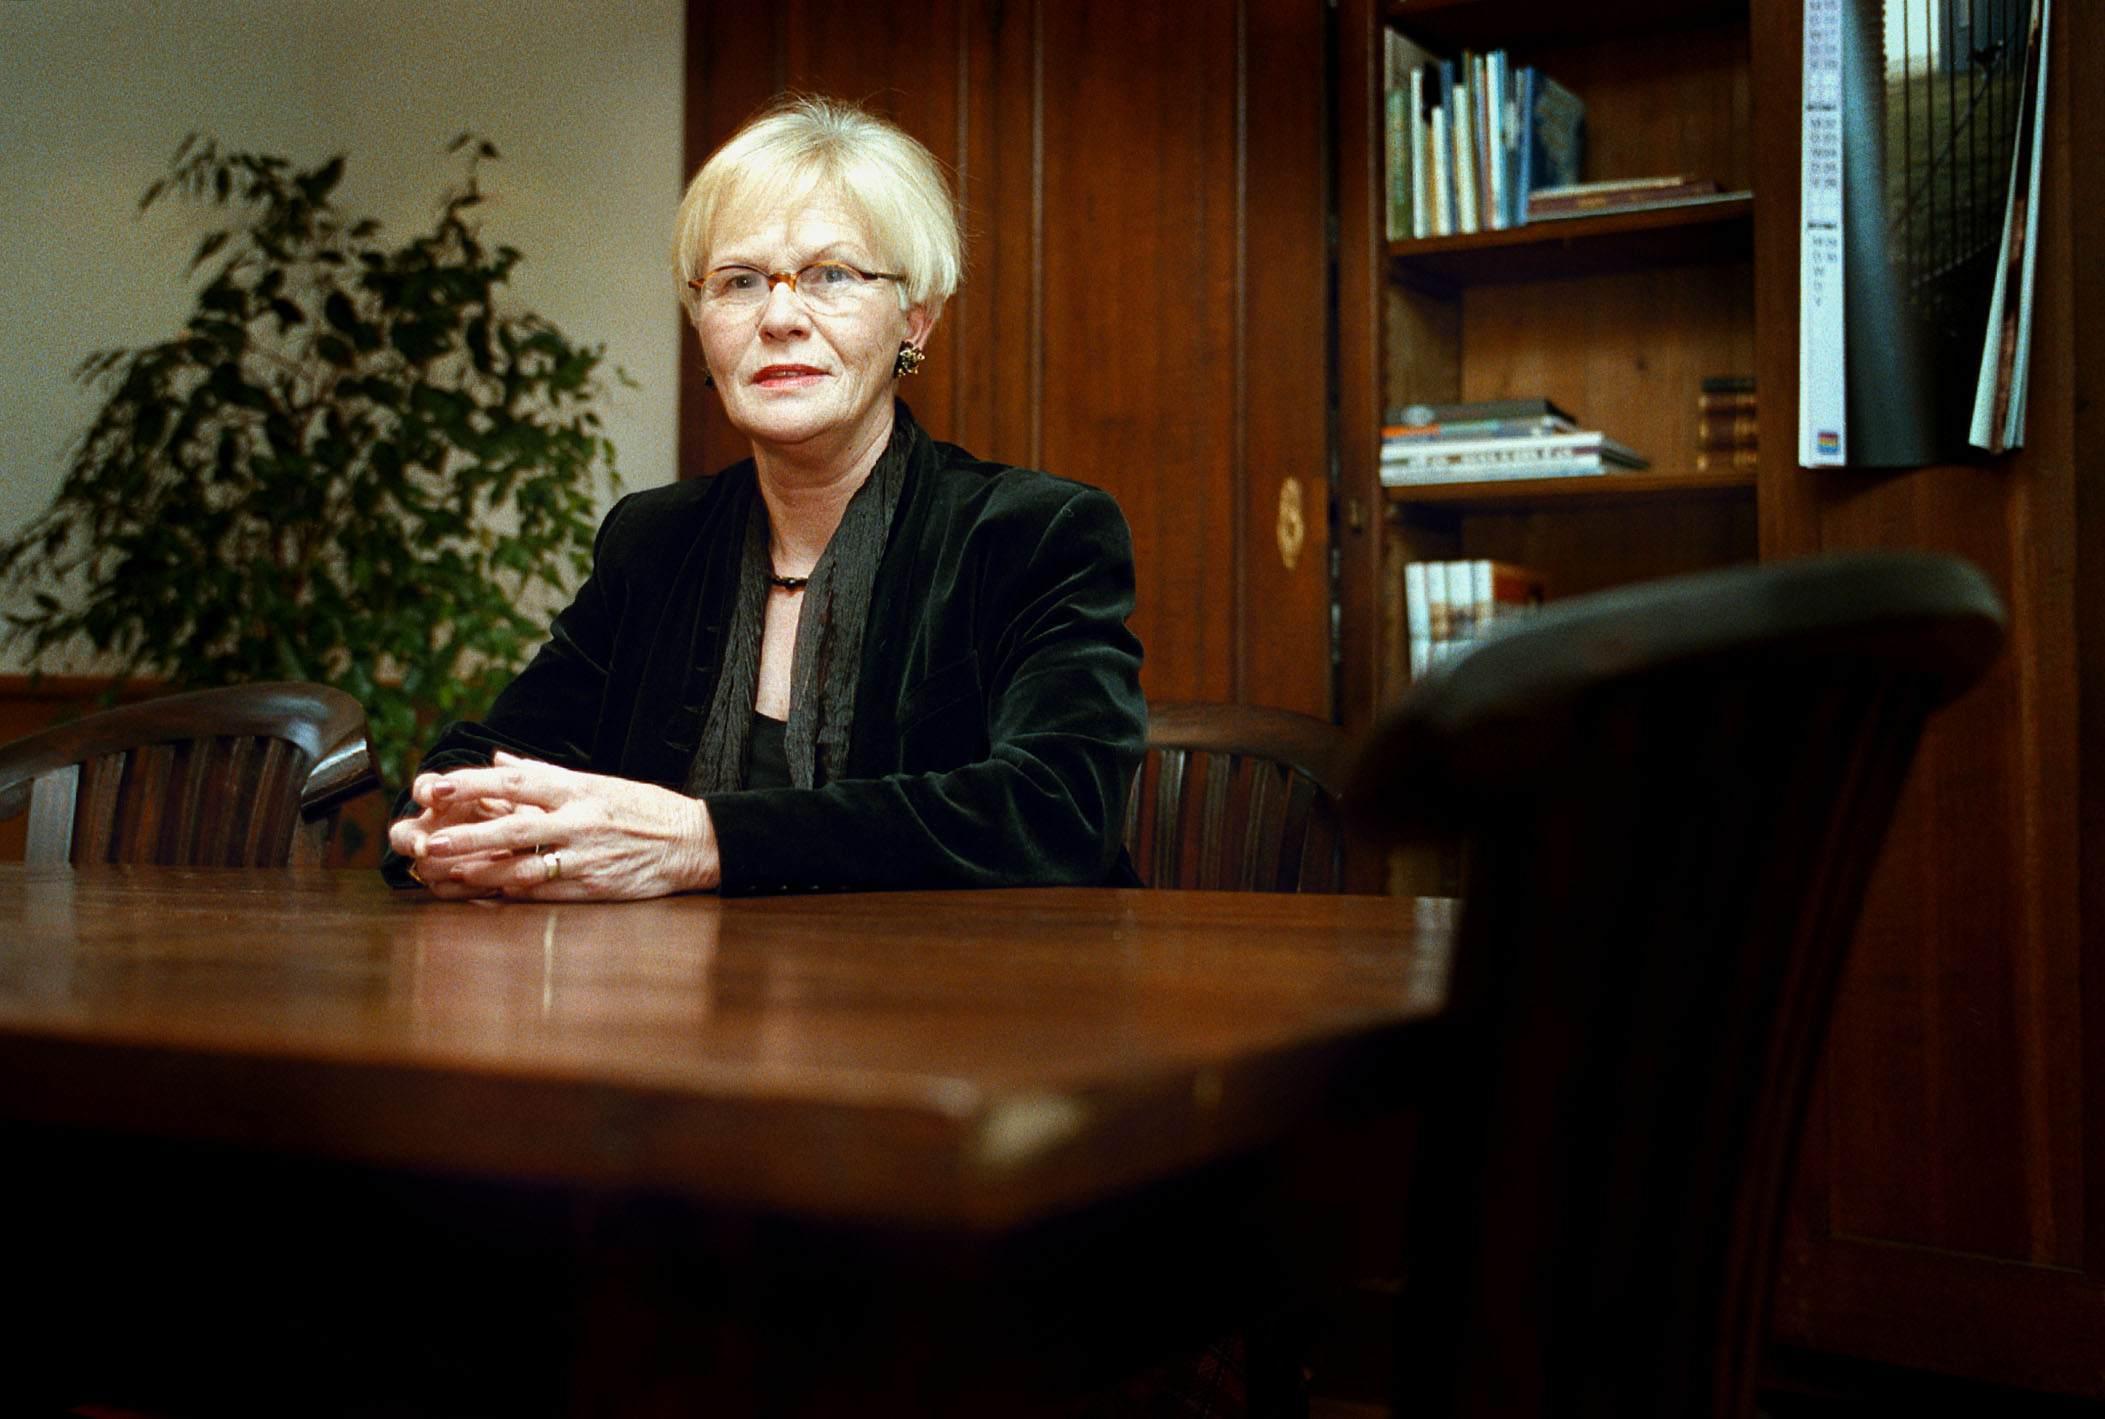 Raad Haarlemmermeer staat stil bij overlijden oud-burgemeester Ellen van Hoogdalem